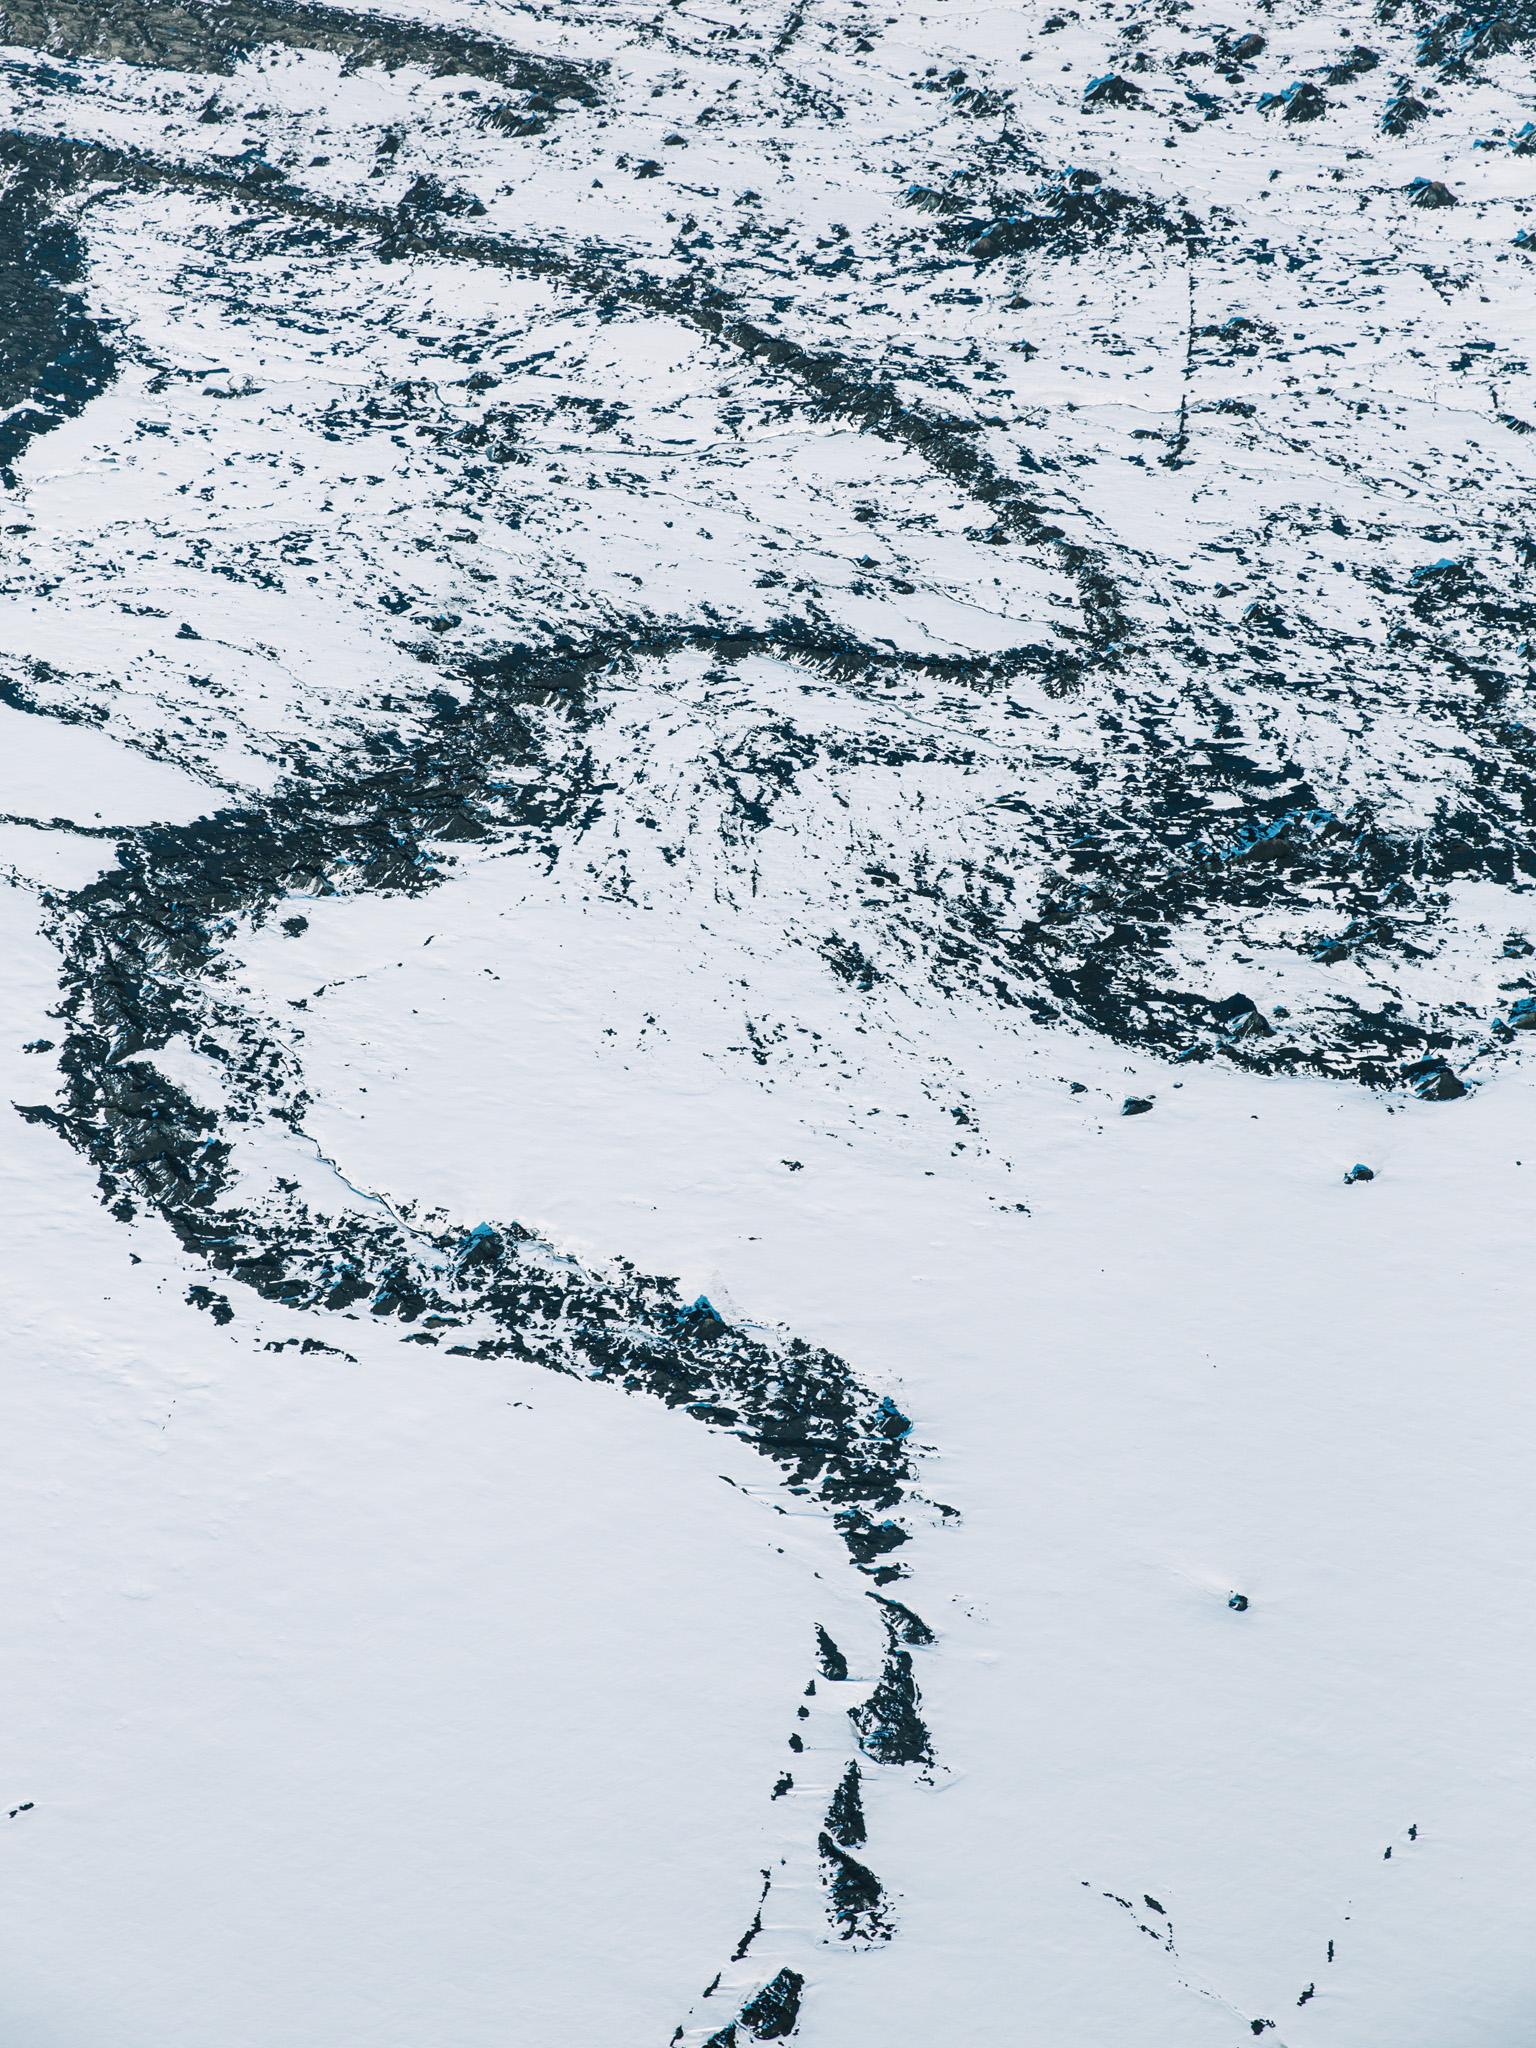 AxelSig_aerial029.jpg